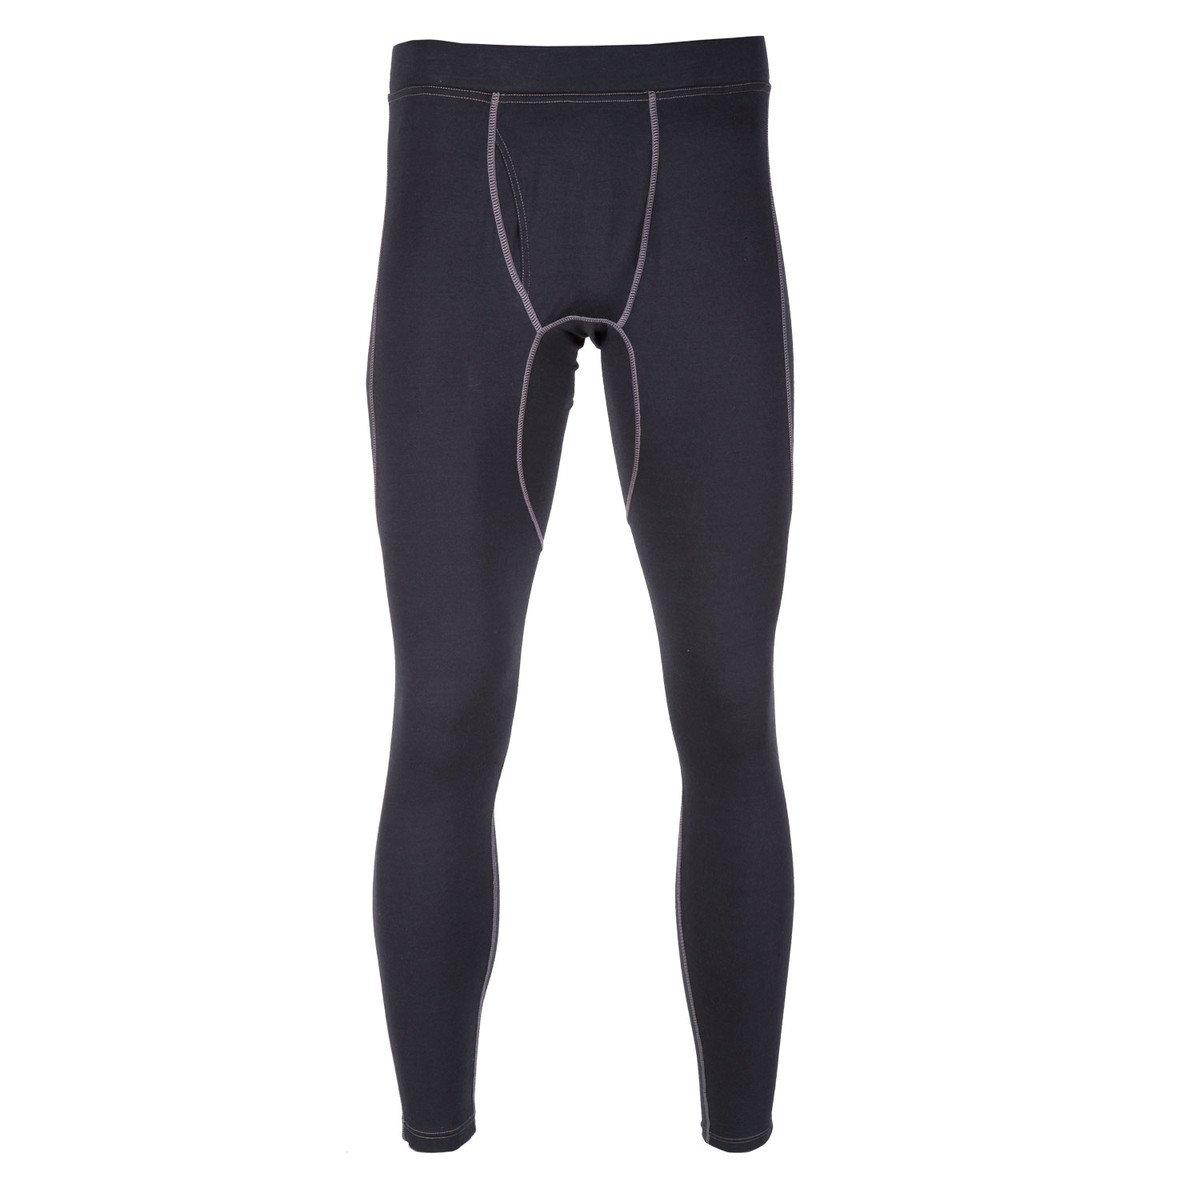 Klim Teton Merino Wool Pant - Black/Large